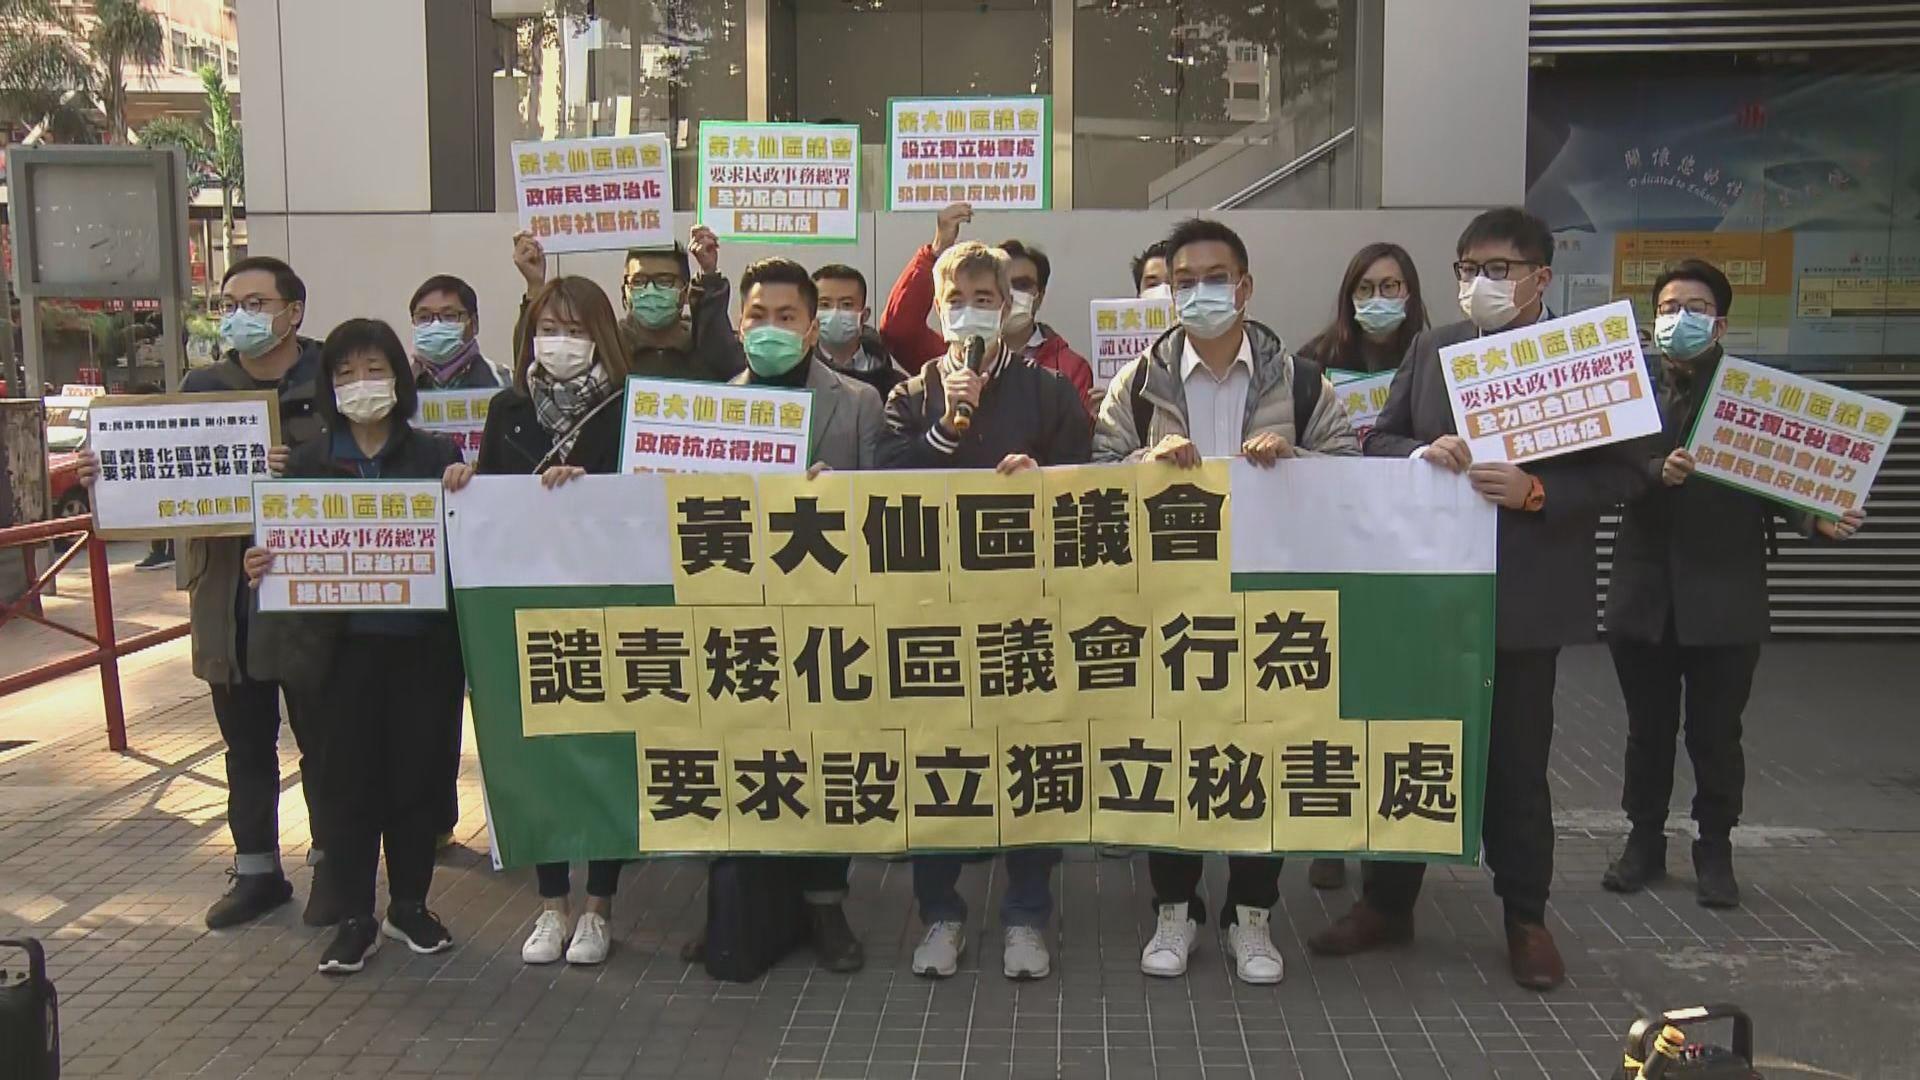 黃大仙區議員抗議民政處不辦公令會議取消